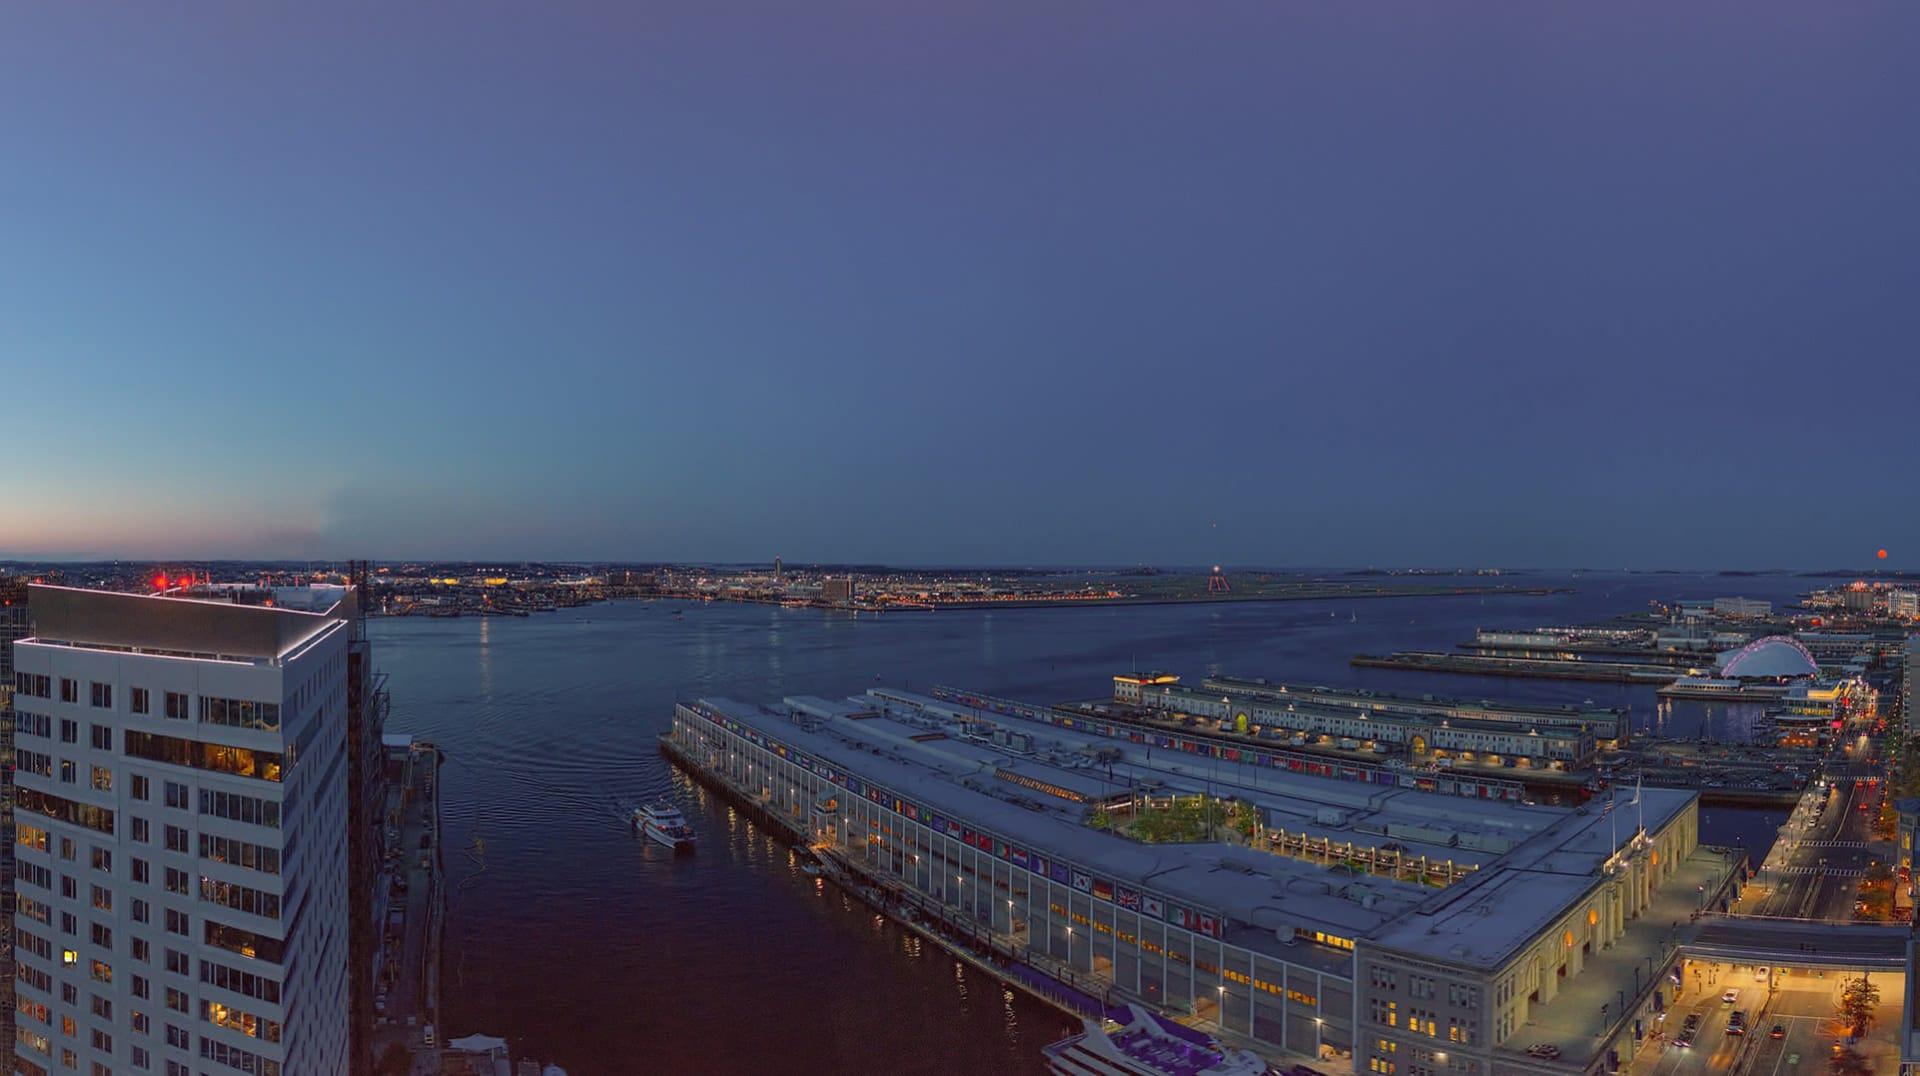 133 Seaport photo